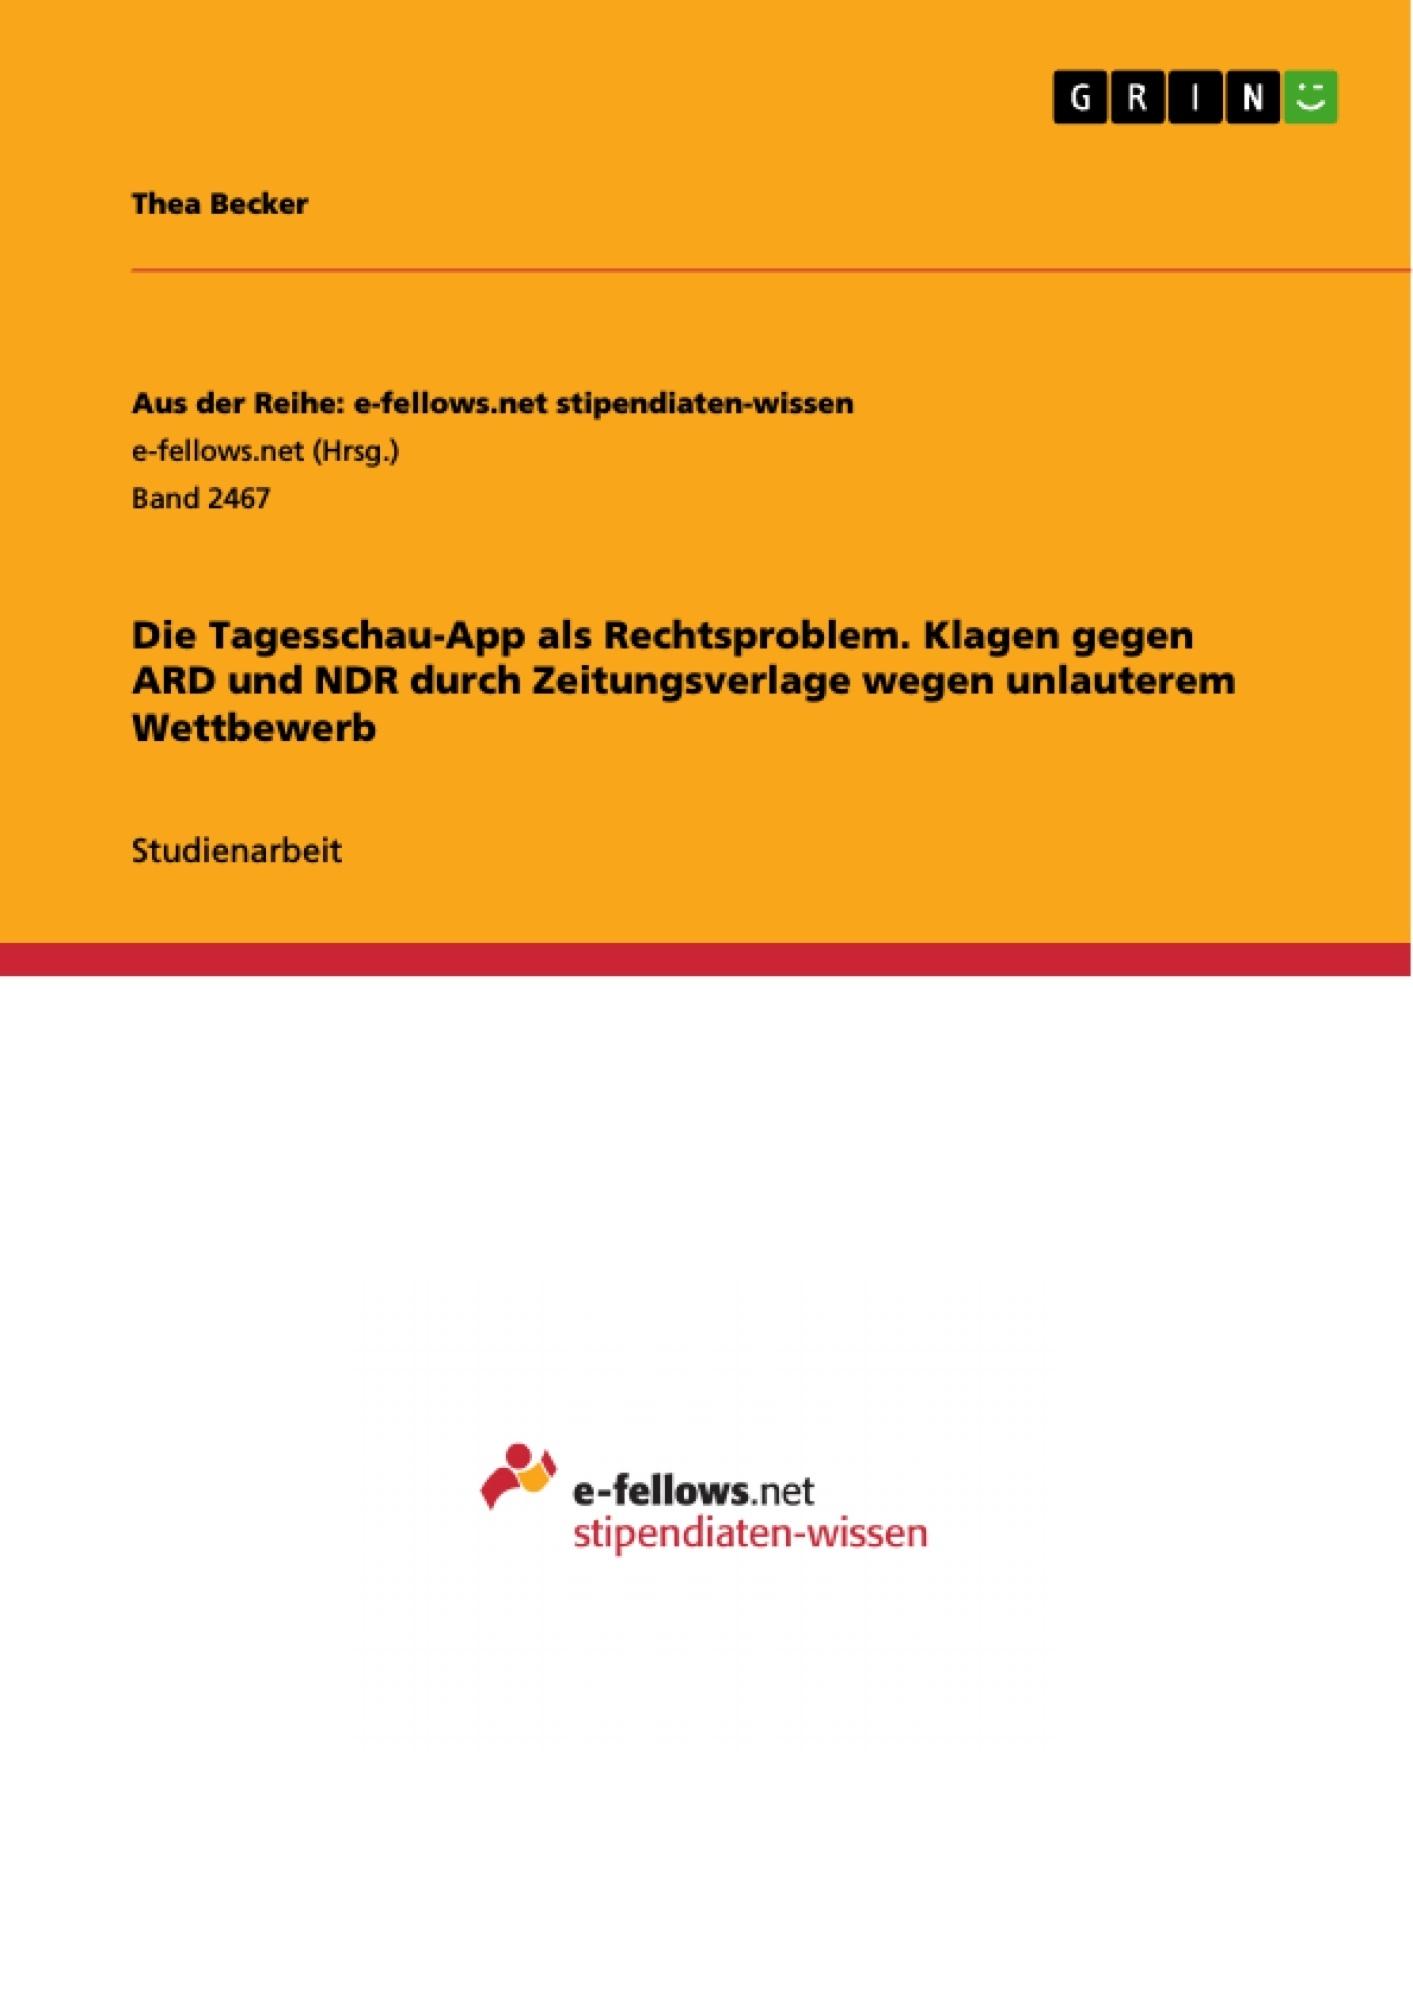 Titel: Die Tagesschau-App als Rechtsproblem. Klagen gegen ARD und NDR durch Zeitungsverlage wegen unlauterem Wettbewerb